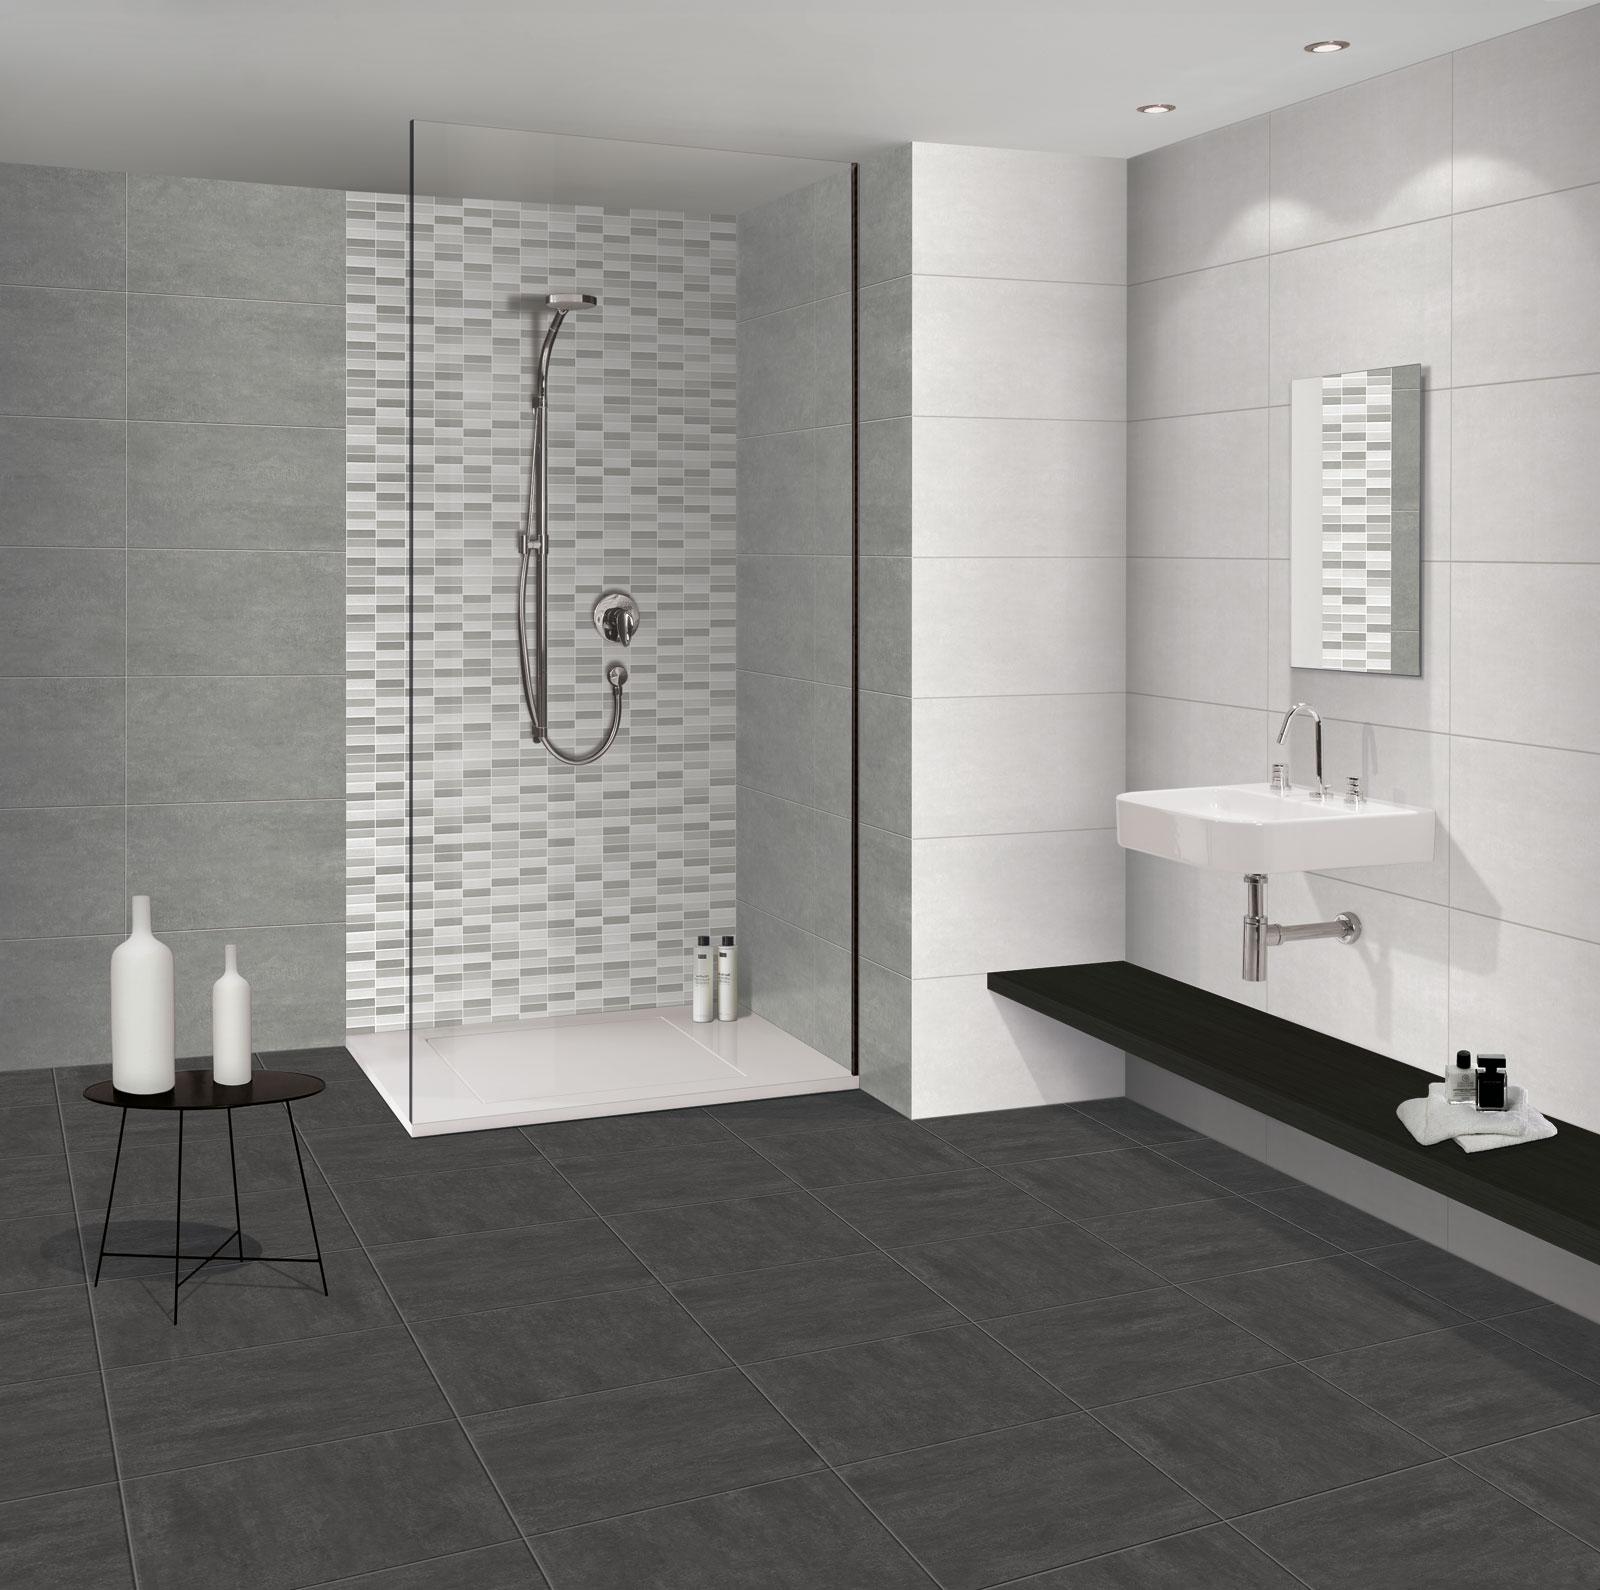 Serpal rivestimento effetto cemento marazzi for Rivestimenti bagni contemporanei